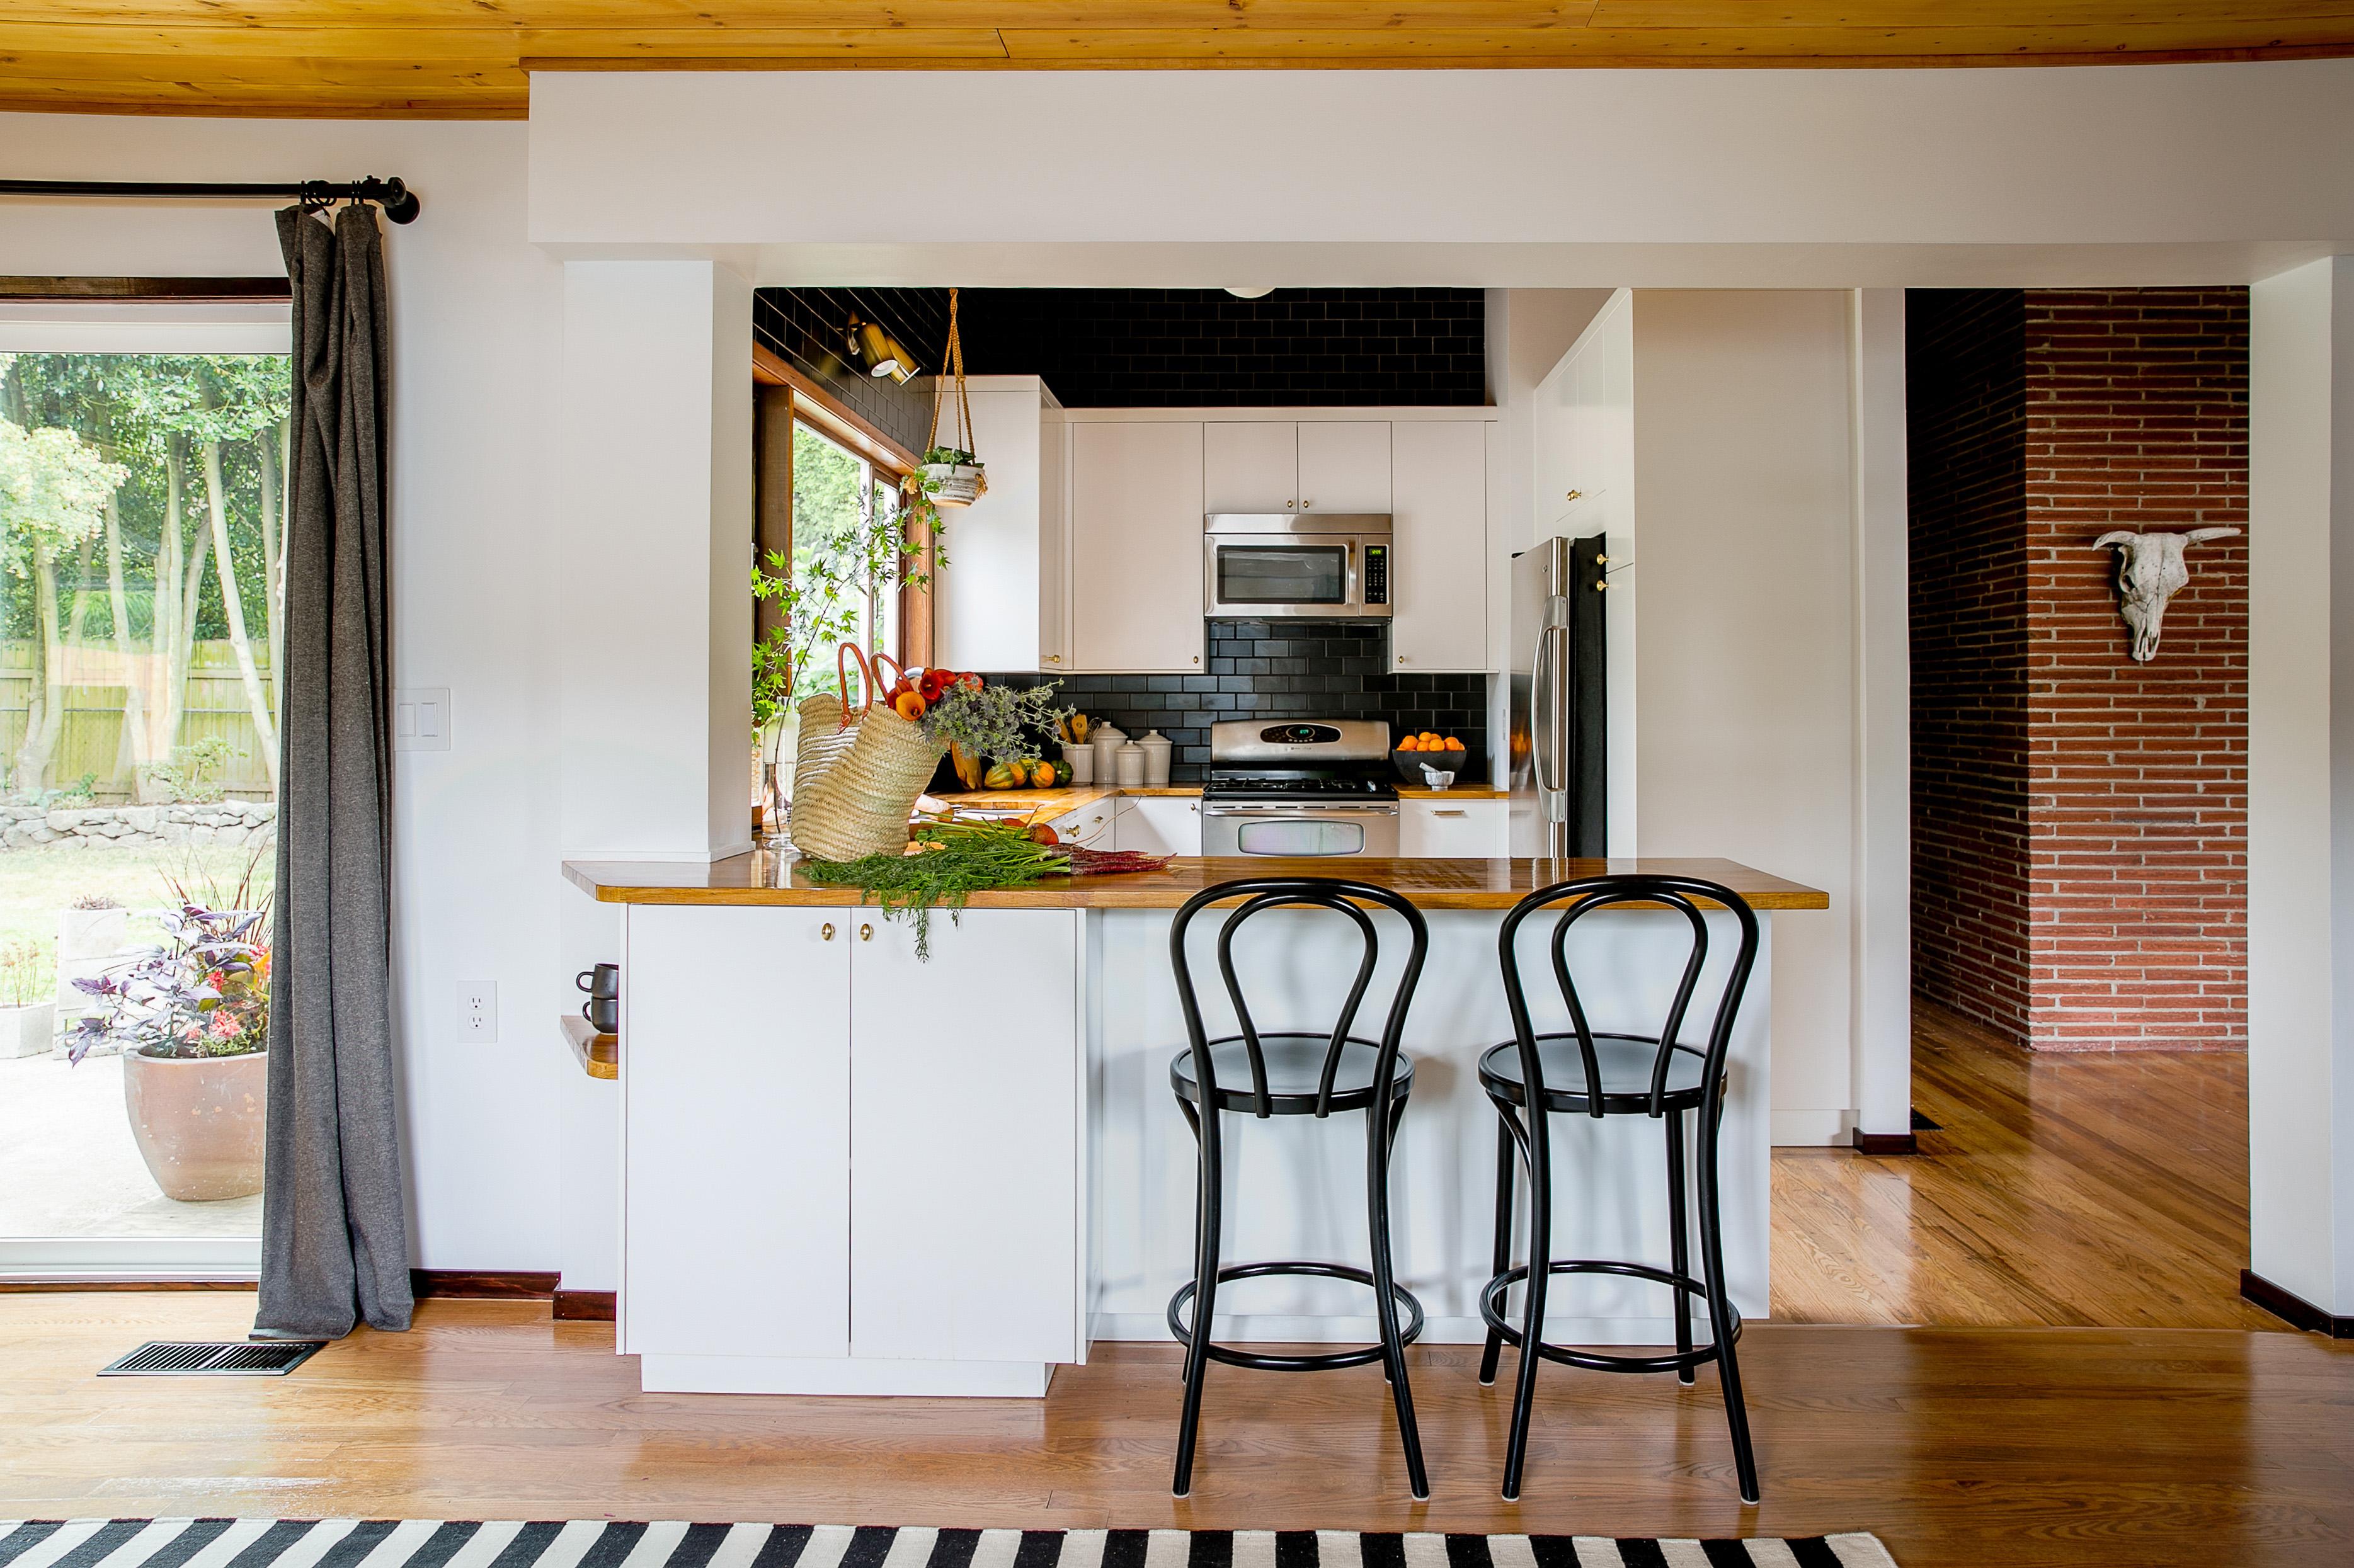 annie wise interior design